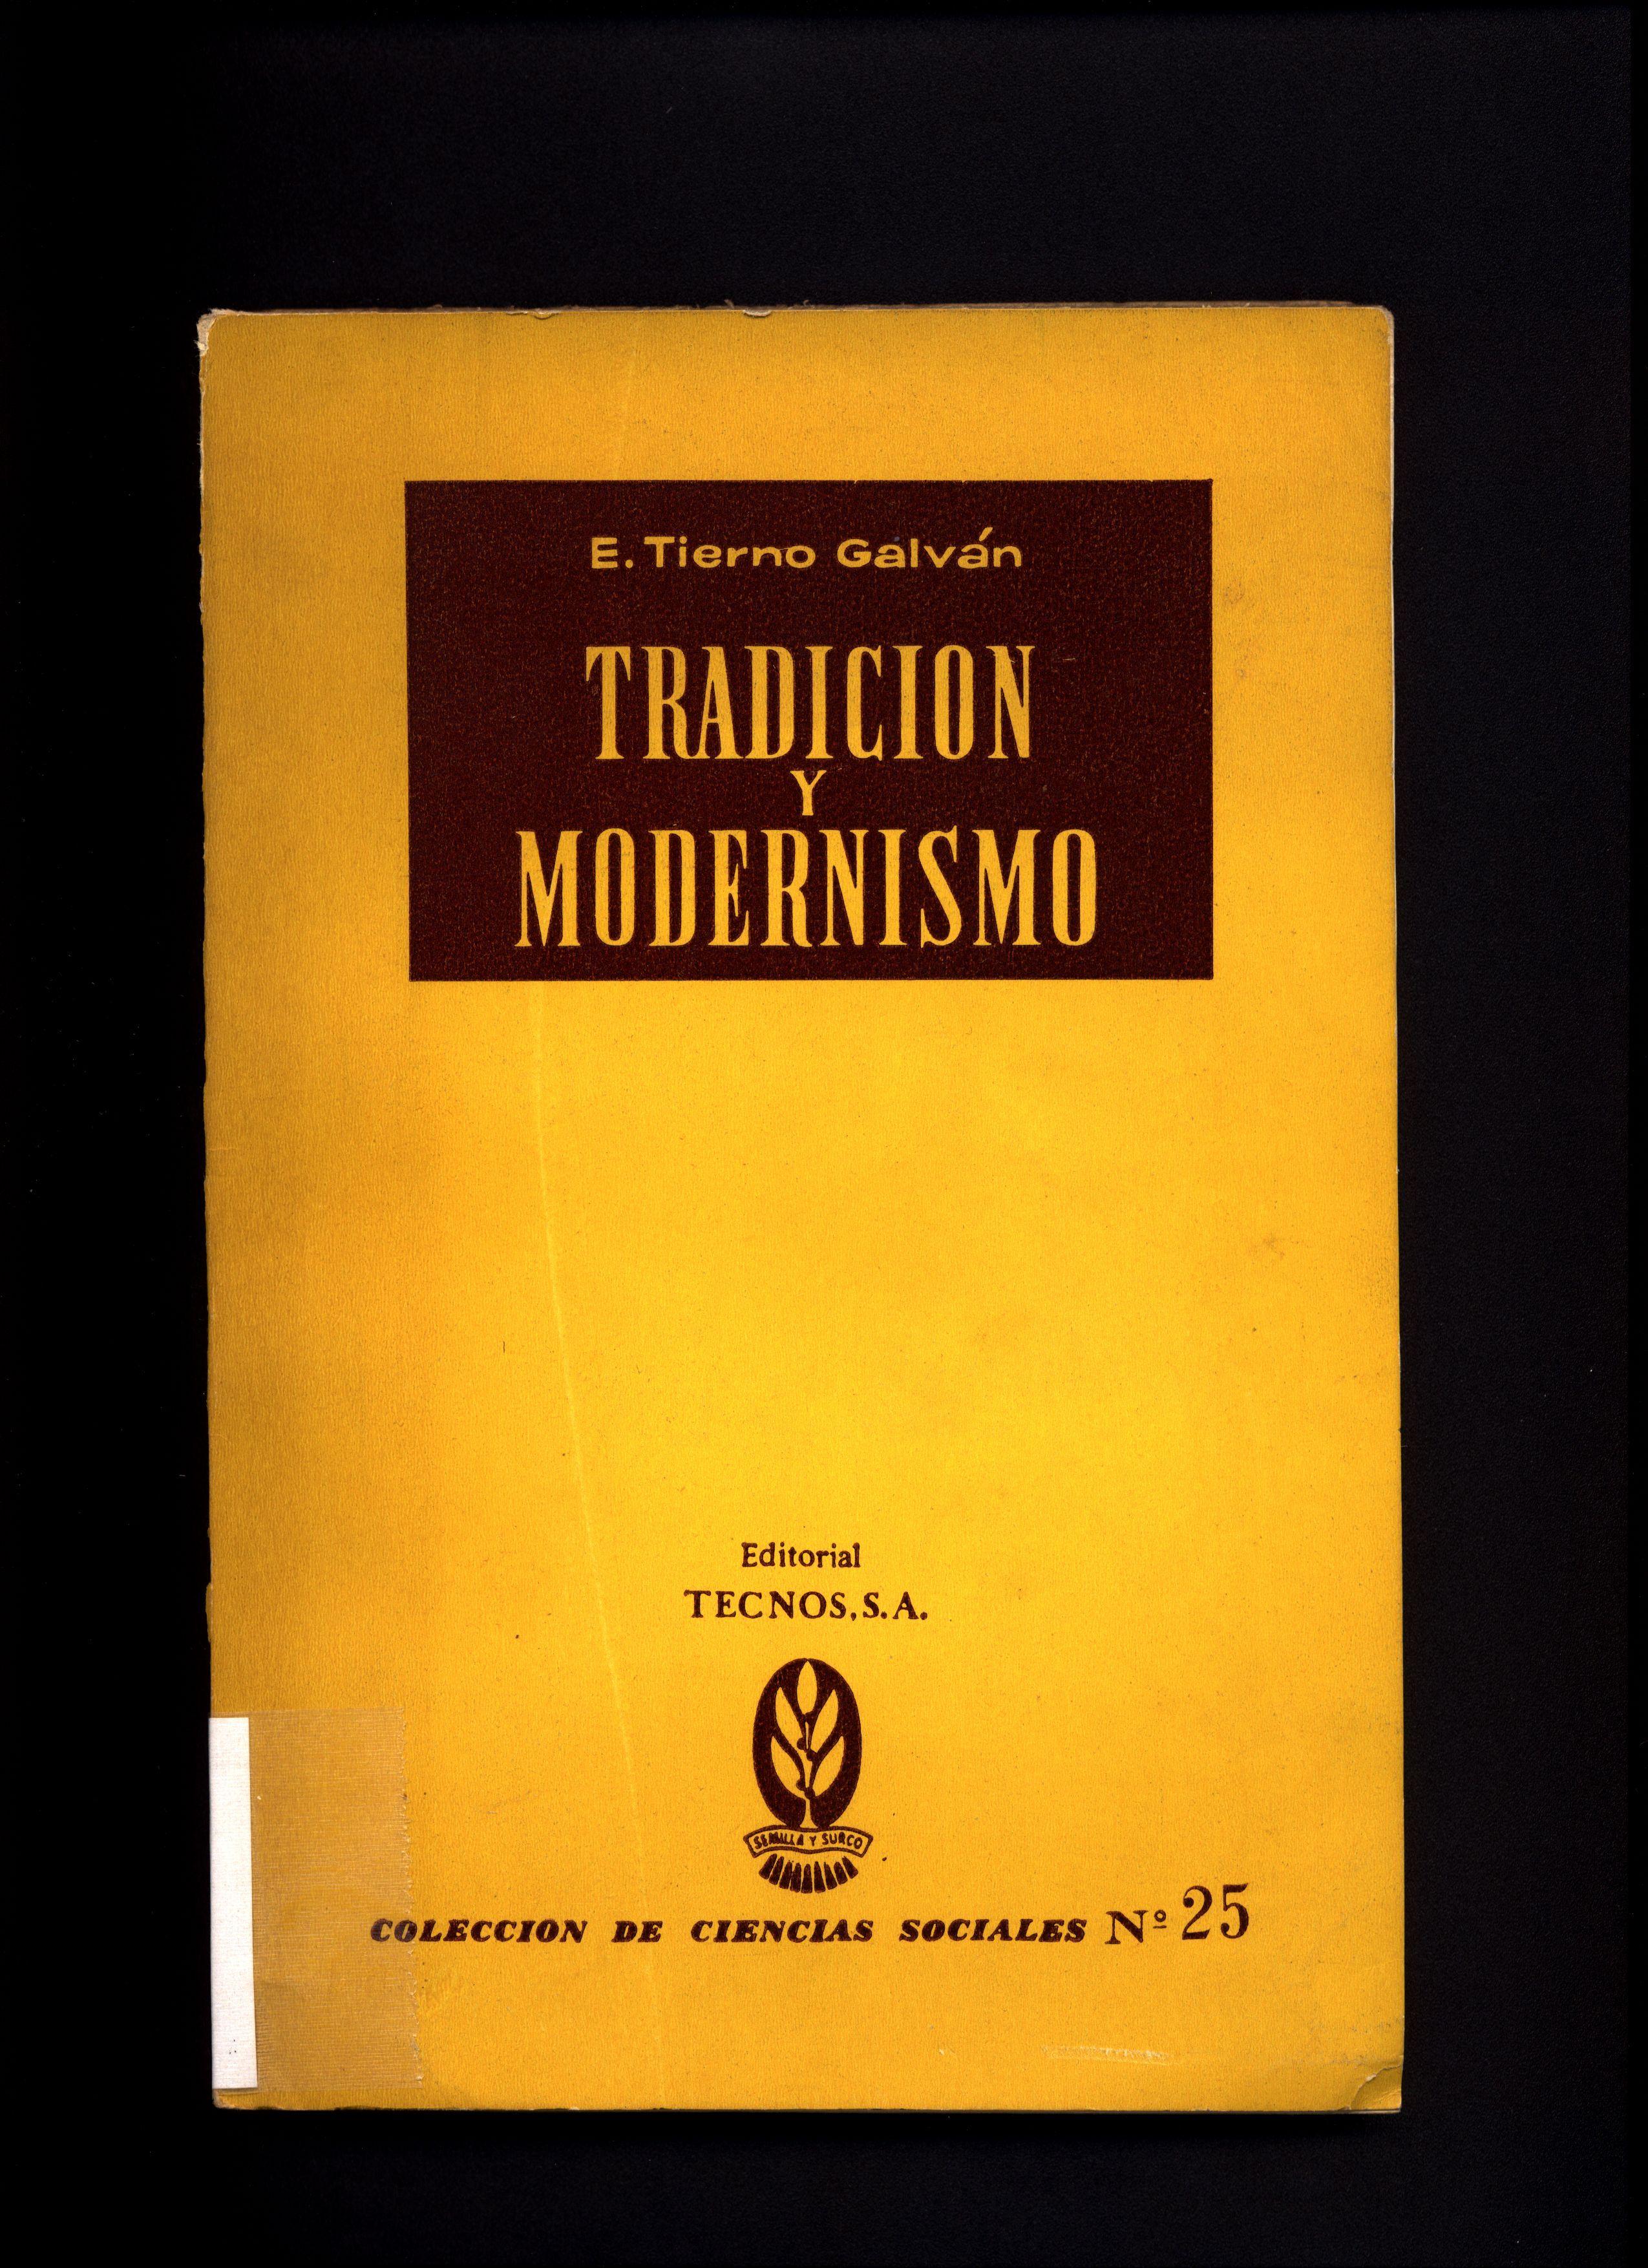 Tradición y modernismo PublicaciónMadrid : Tecnos, 1952